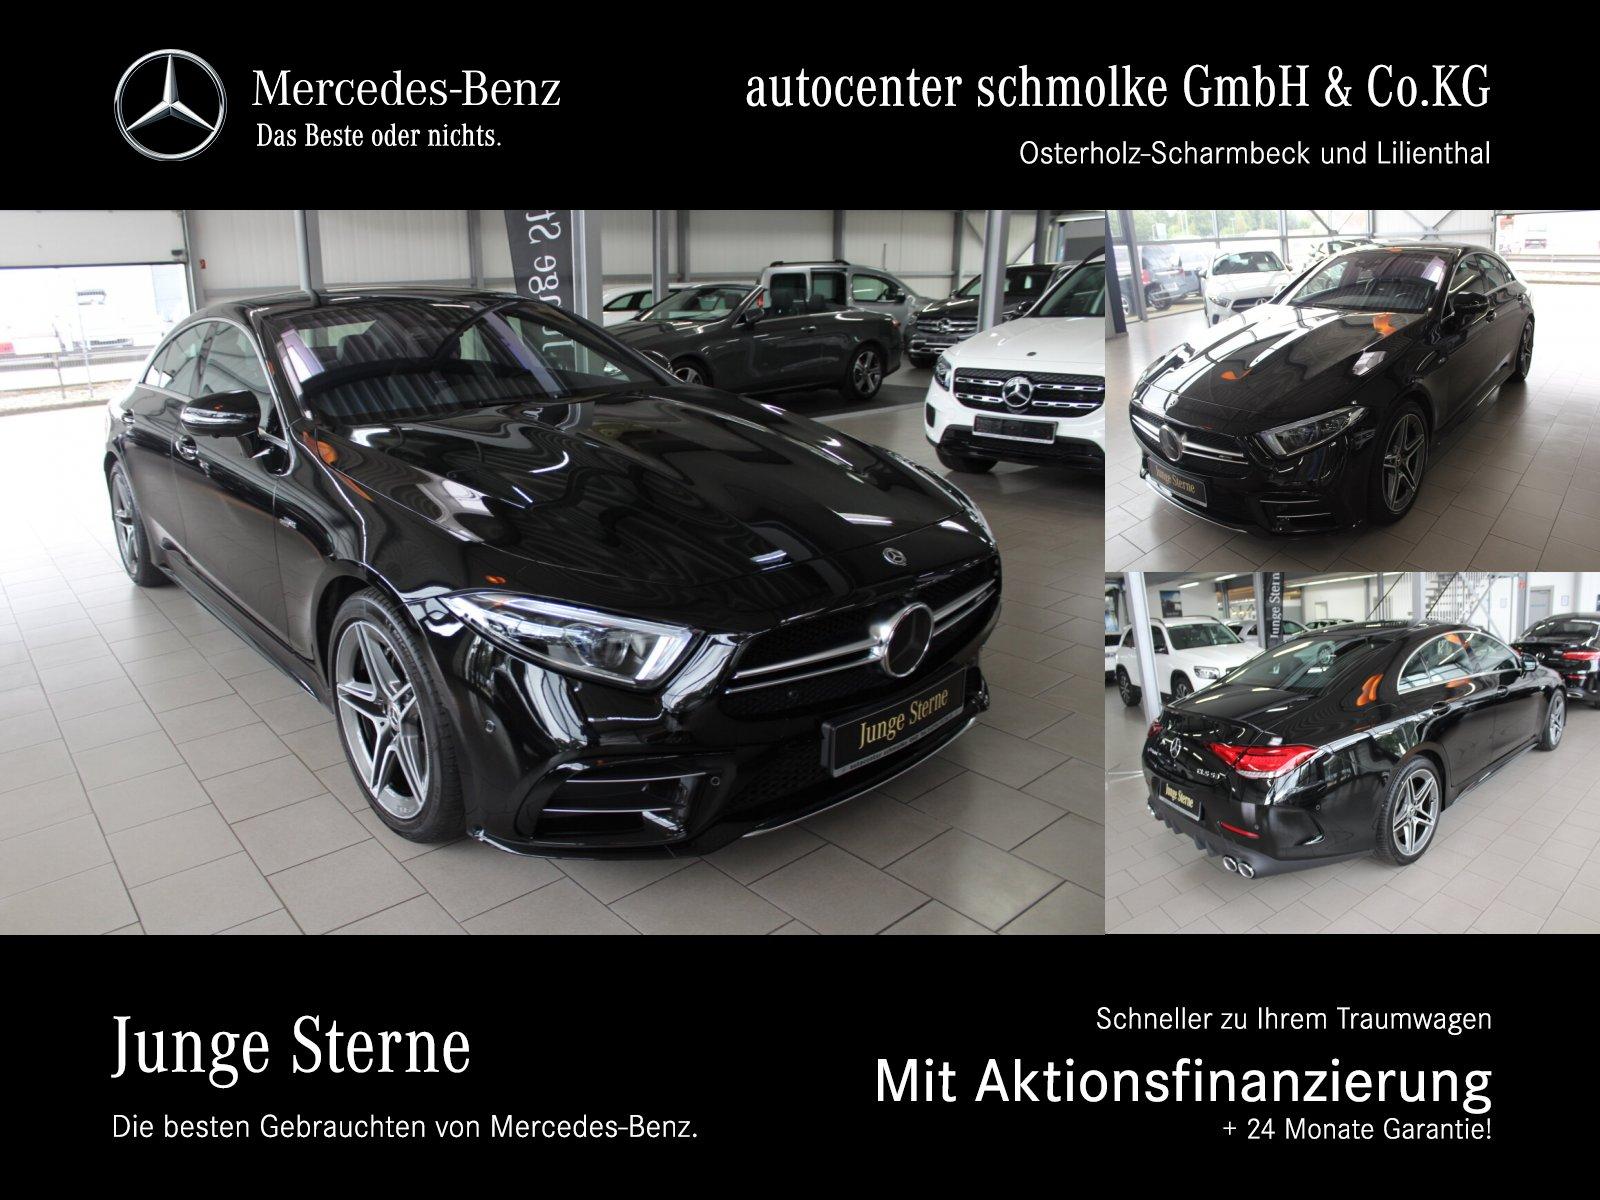 Mercedes-Benz CLS 53 AMG 4-M+*MEMORY*HEAD-UP*STANDHEIZUNG*SHD, Jahr 2020, Benzin